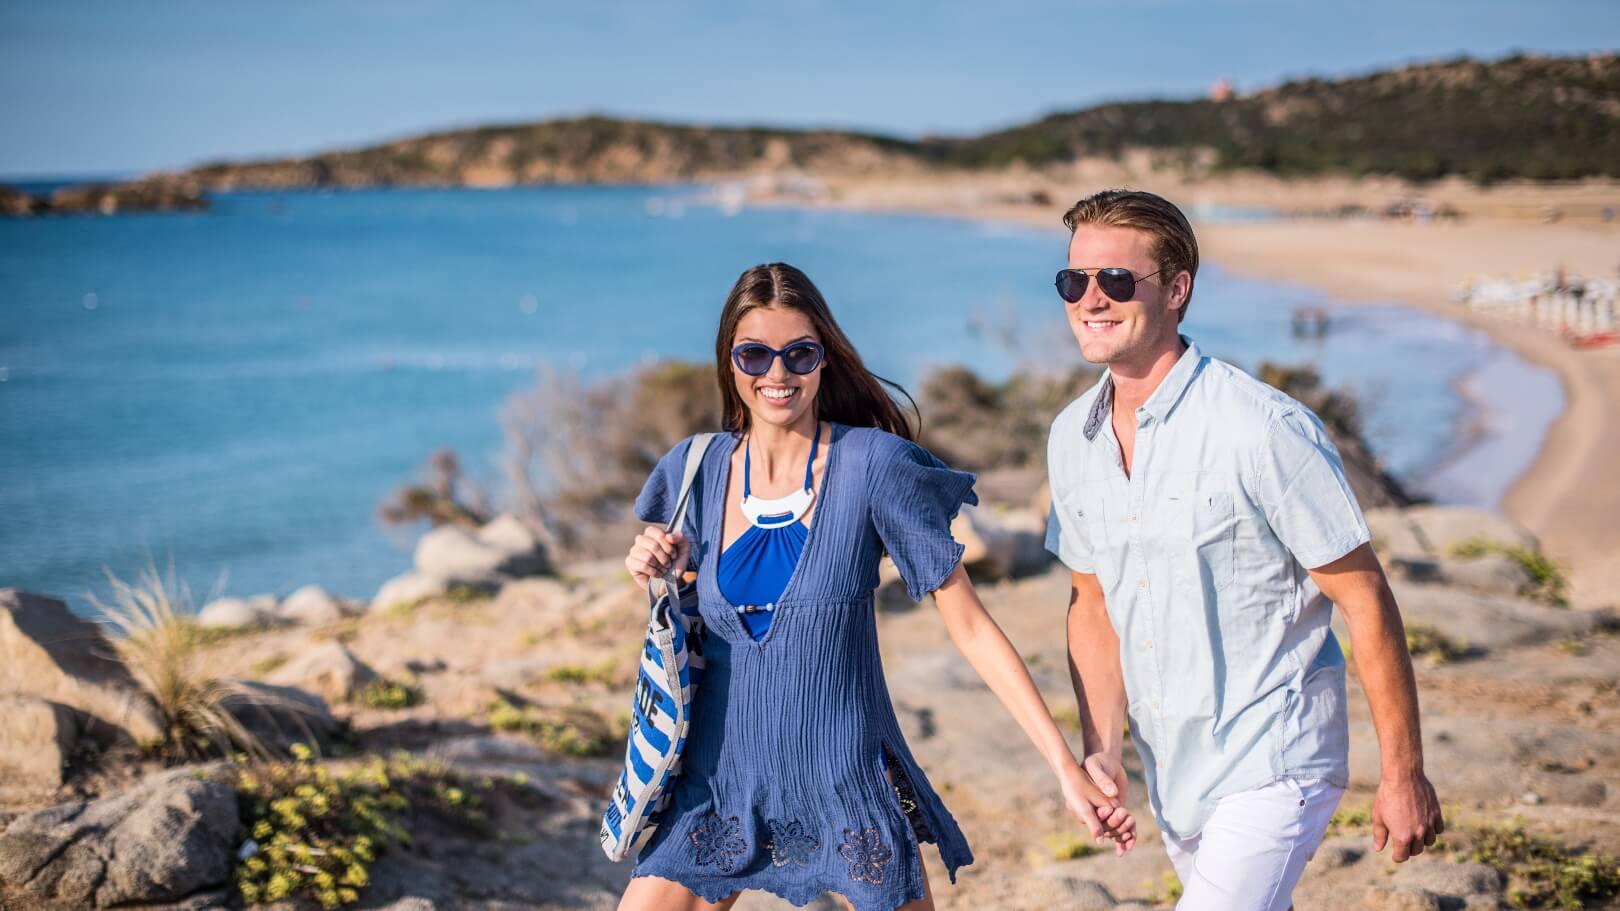 https://www.chialagunaresort.com/wp-content/uploads/2021/05/IHC_Chia-Laguna-Resort_grid_romantic_couple-beach-walking.jpg